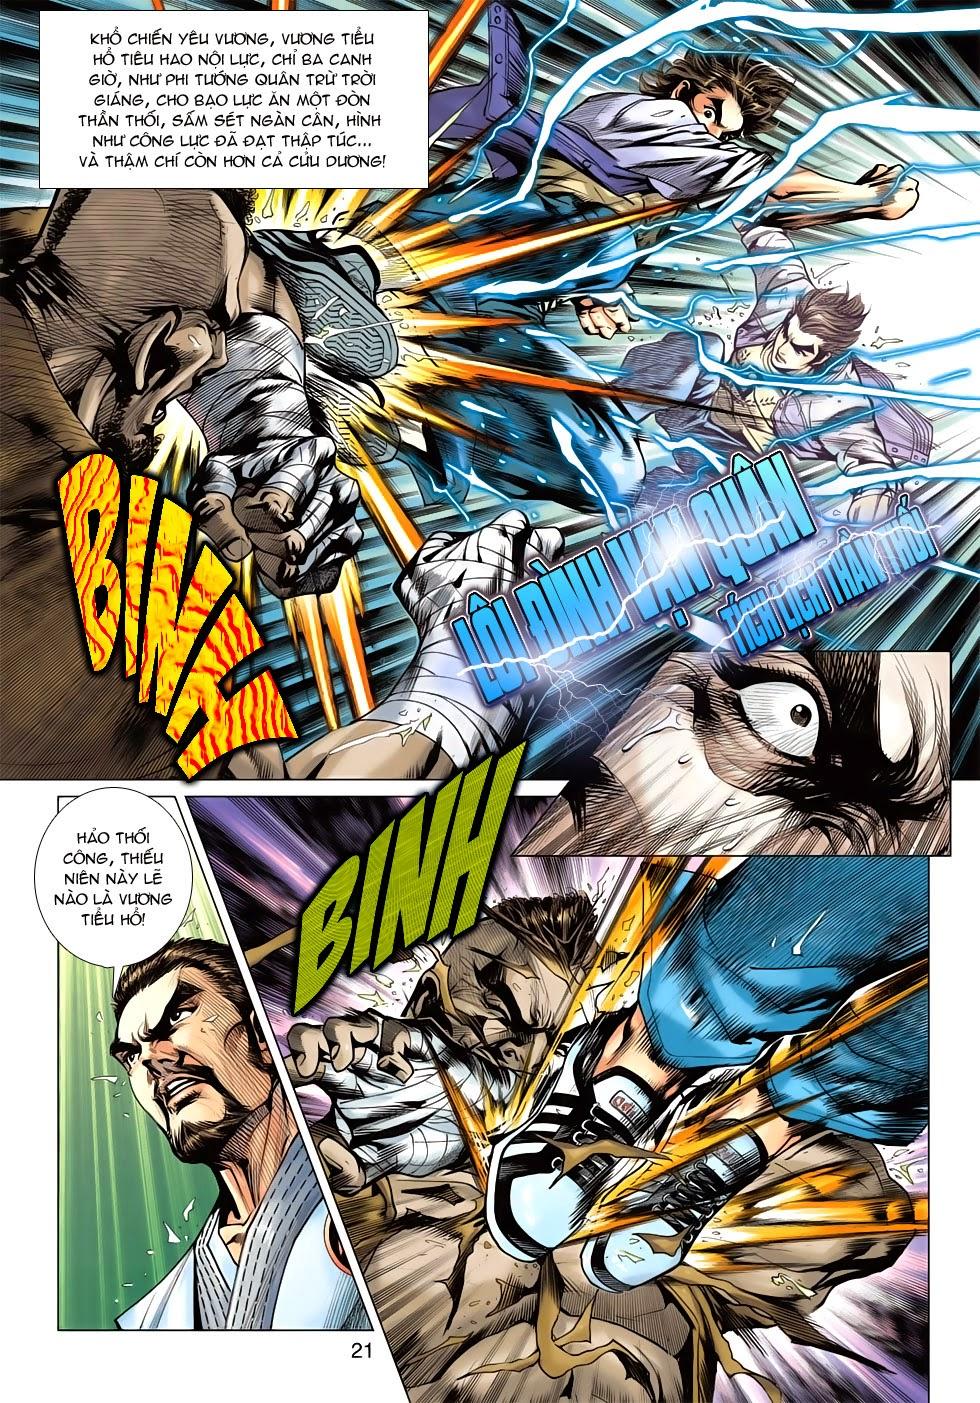 Tân Tác Long Hổ Môn trang 21